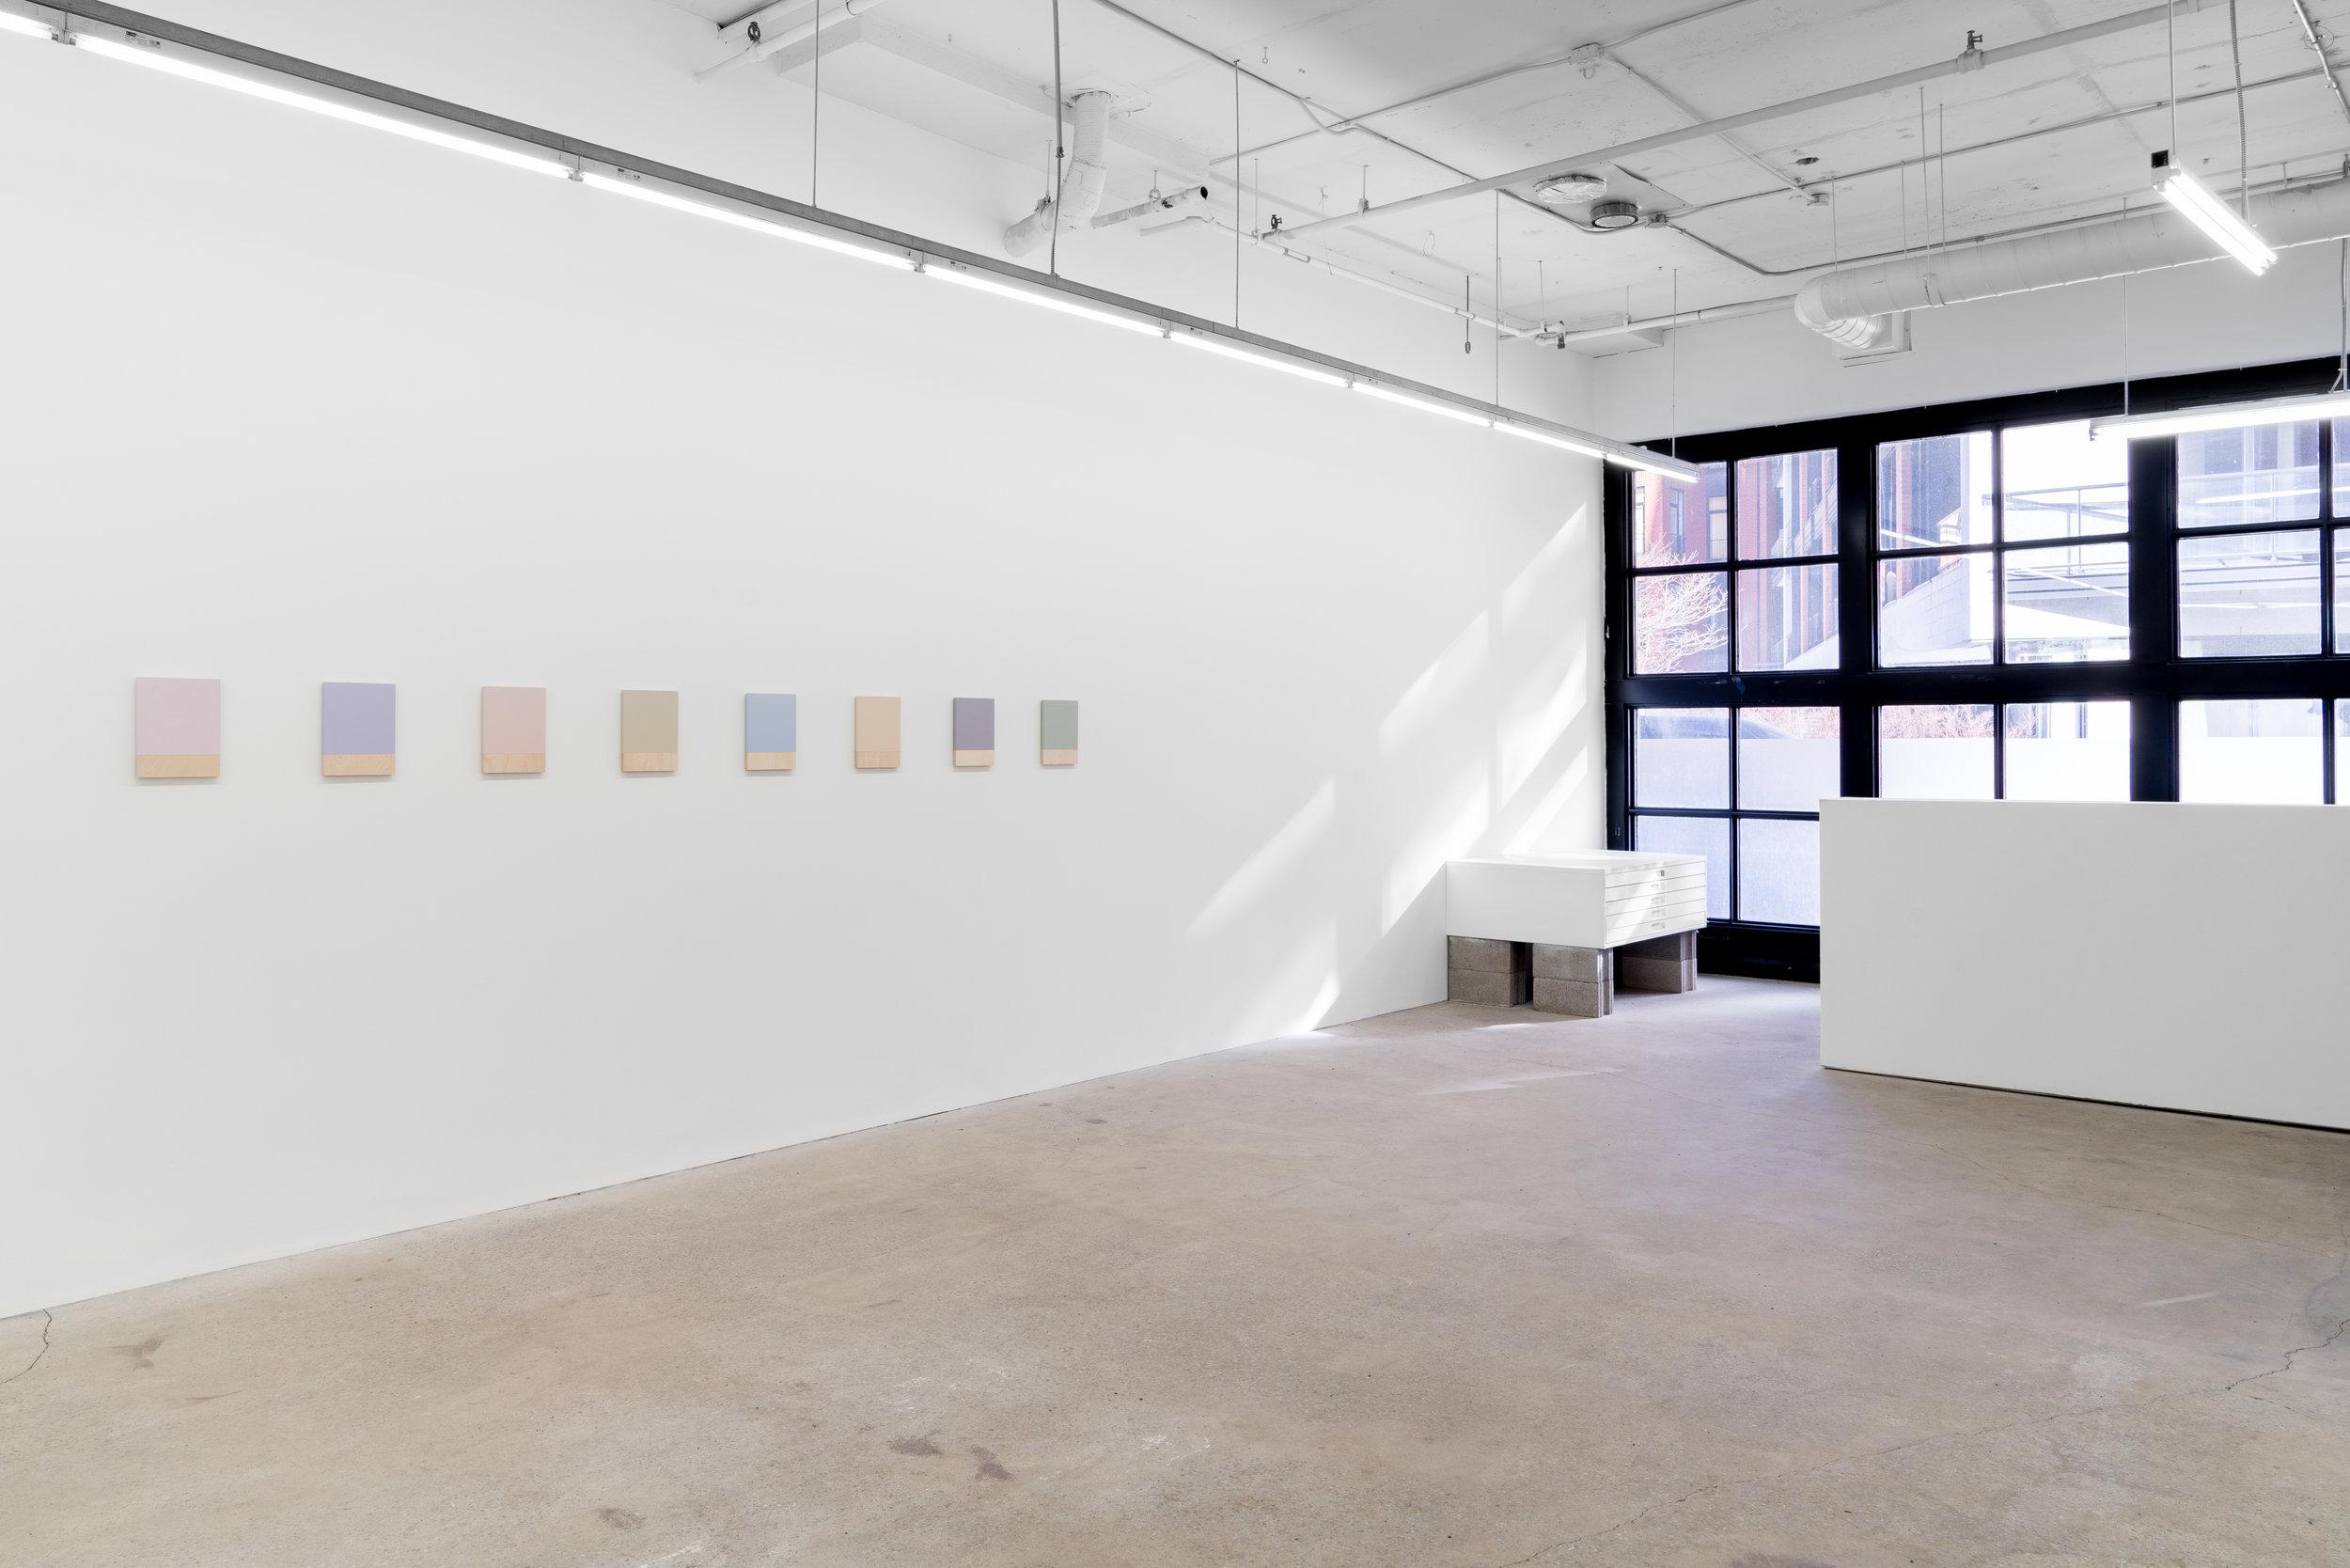 Guy Pellerin,  La couleur des lieux, Lisbonne , 2018, vue d'exposition, Galerie Nicolas Robert, photo : Jean-Michael Seminaro.